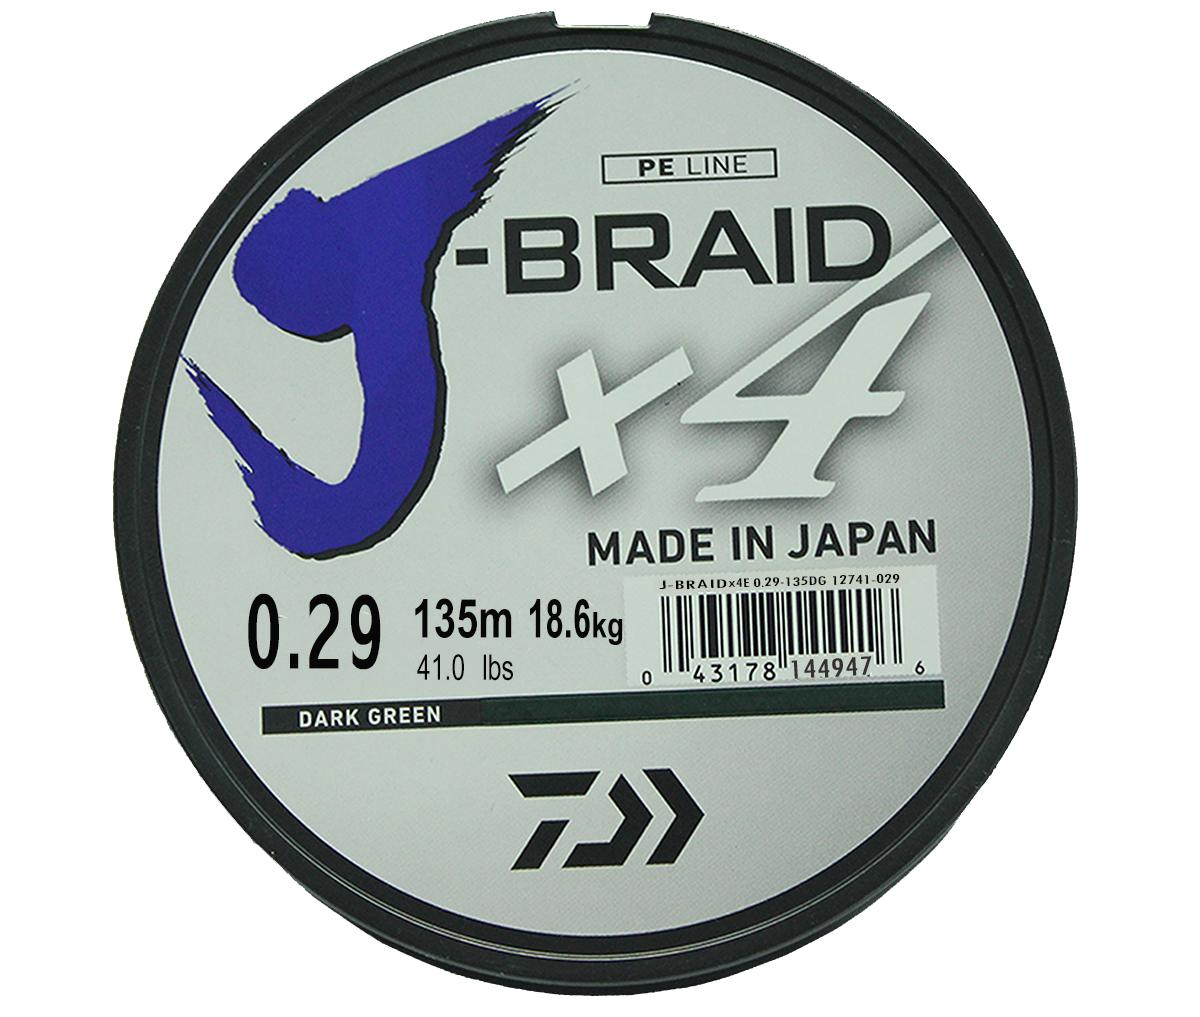 Леска плетеная DAIWA J-Braid X4 0,29мм 135 (зеленая)Леска плетеная<br>Новый 4х жильный шнур J-Braid, DAIWA - шнур высокого <br>класса с удивительным соотношением цены <br>и качества. Качество плетения полностью <br>соответствует японским стандартам и удовлетворяет <br>всем требованиям. Представленные диаметры <br>позволяют использовать шнур для всех техник <br>ловли, начиная от ultra- light ловли окуня, до <br>морской ловли палтуса, трески и т.д.<br>